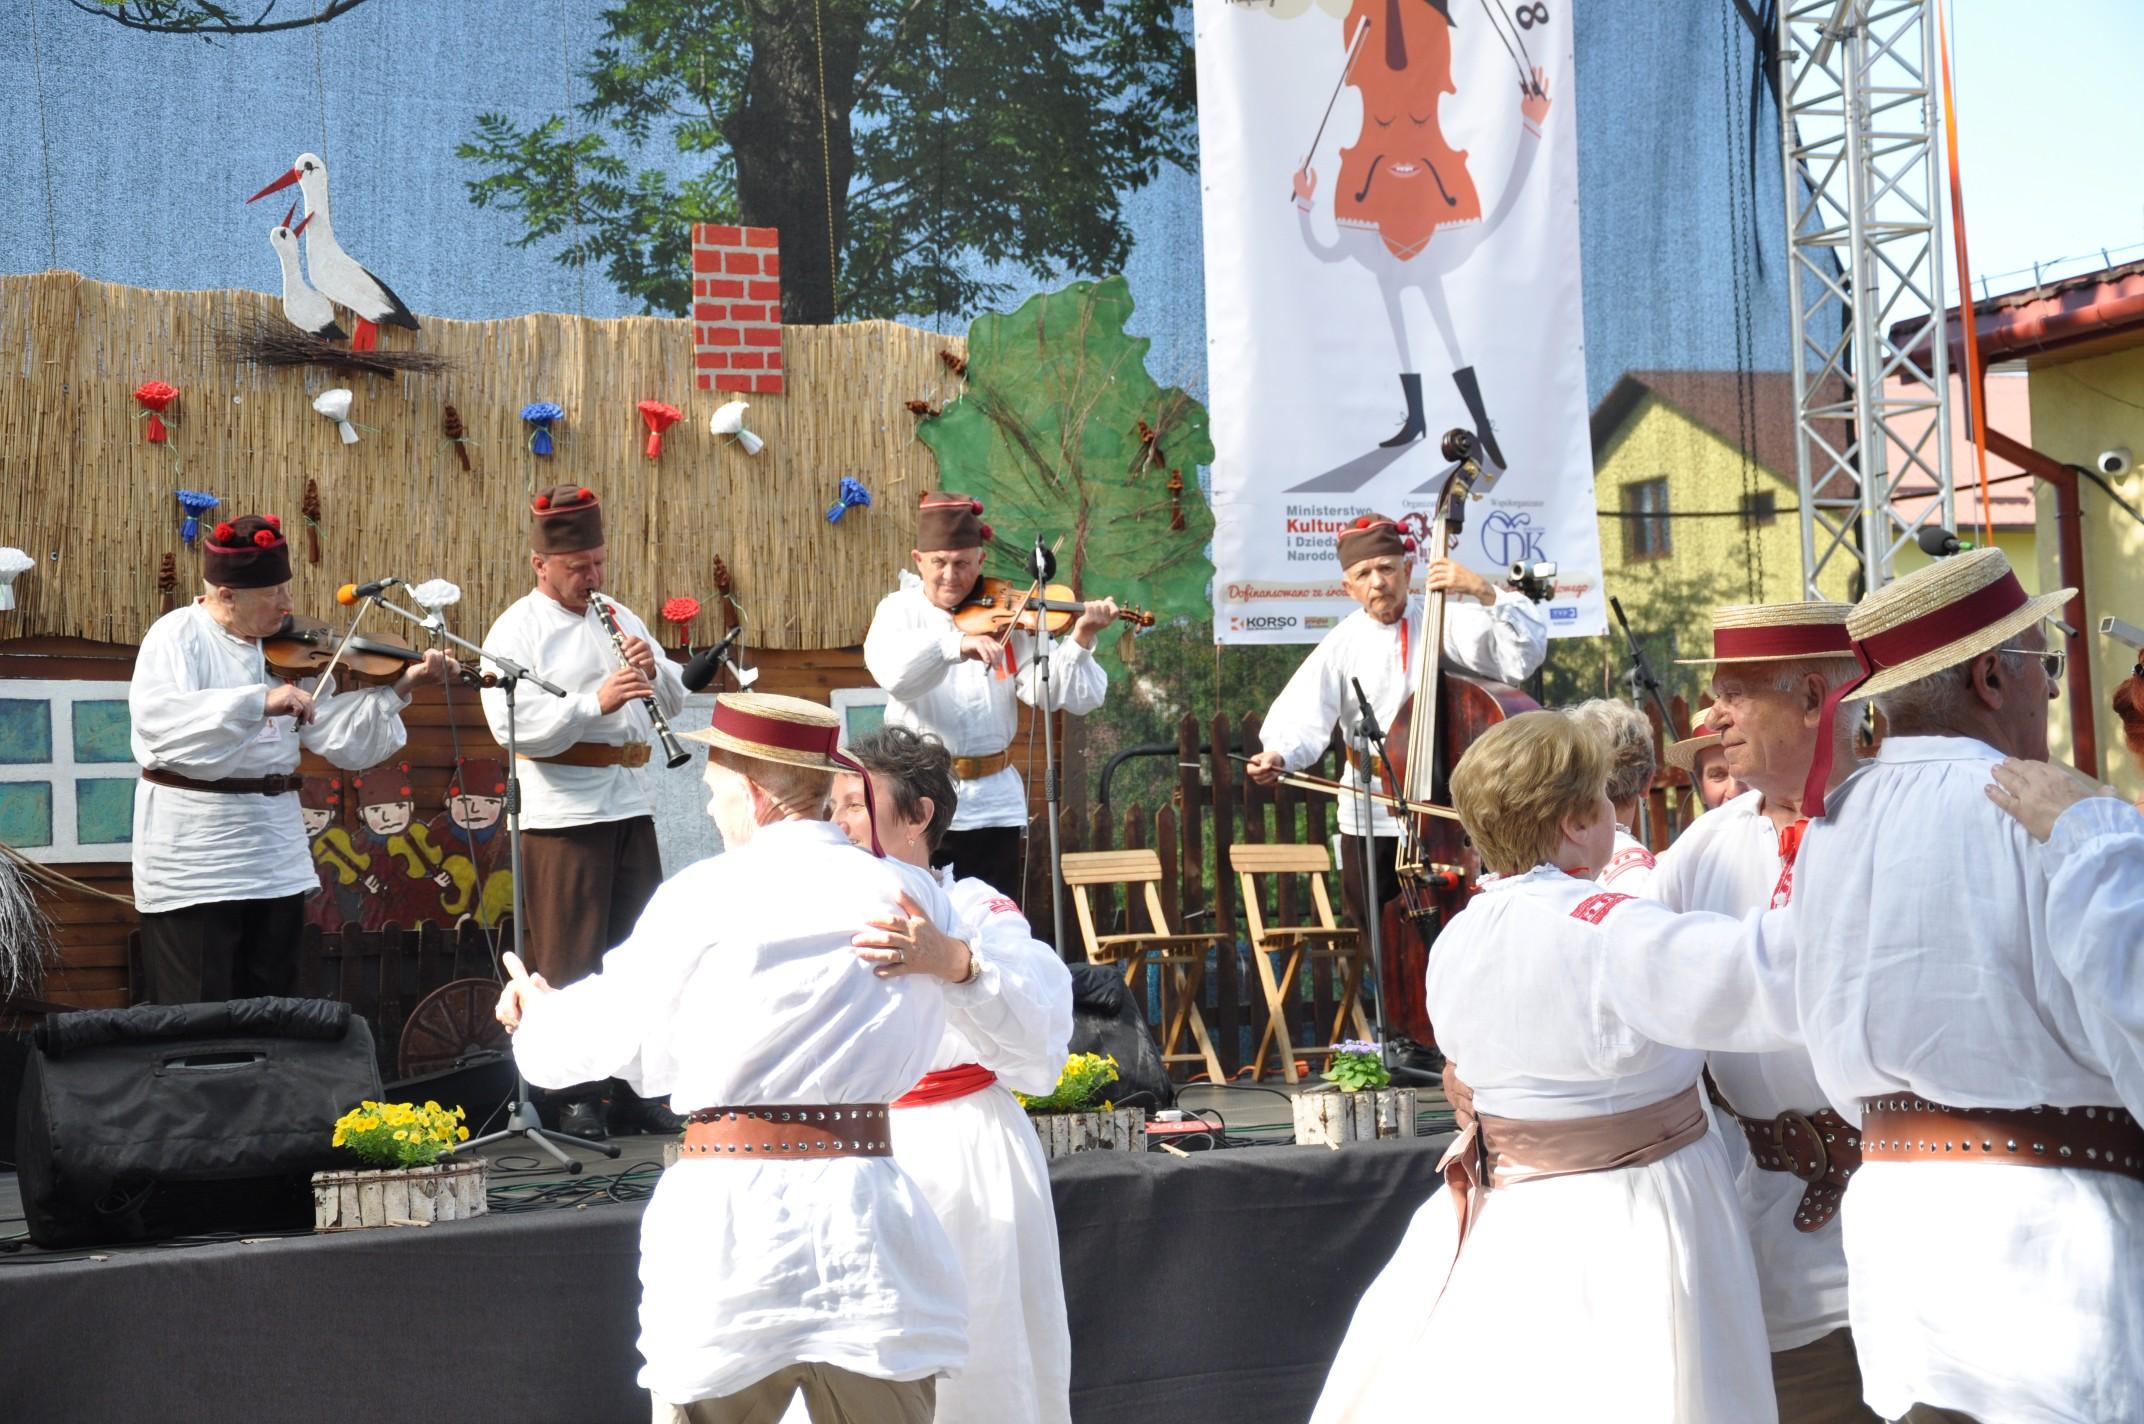 Gmina Kolbuszowa. Kapela Jurka Wrony zdobyła pierwsze miejsce na Ogólnopolskim Festiwalu Kapel i Śpiewaków w Kazimierzu Dolnym - Zdjęcie główne